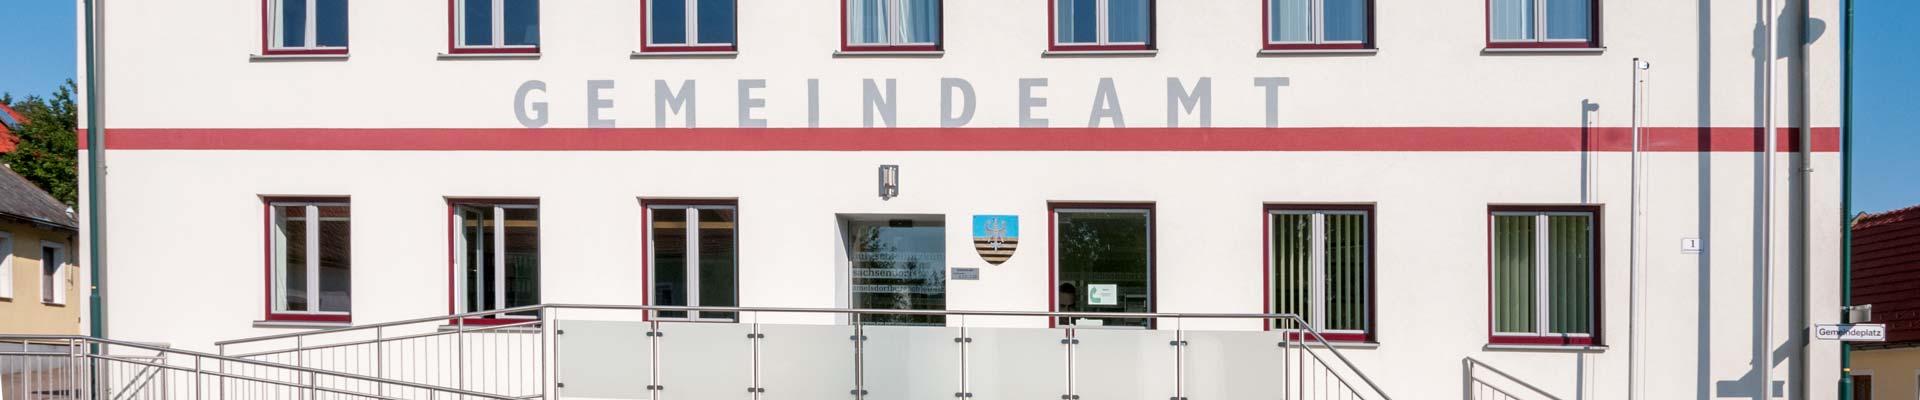 Gemeindeamt Burgschleinitz-Kühnring